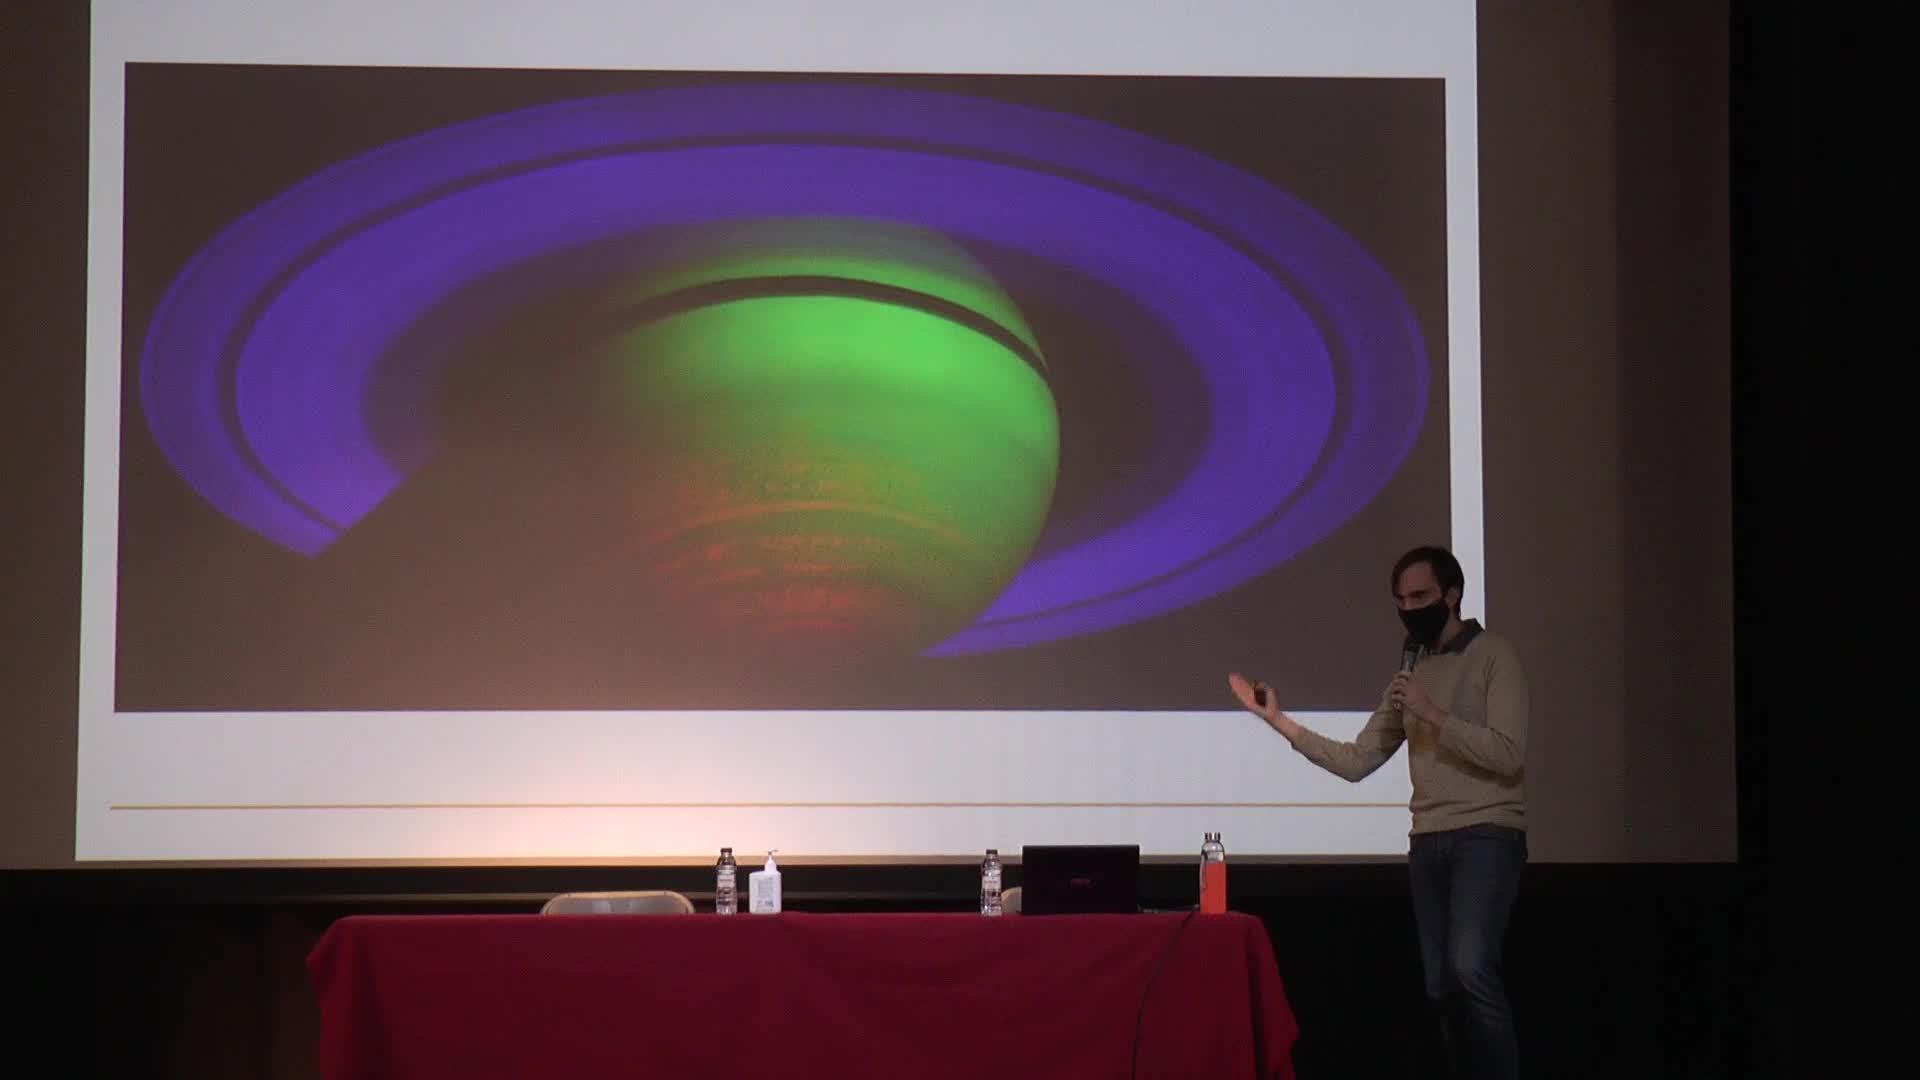 Ander Gonzalez de Txabarriren hitzaldia, ZARAUZKO XXII ASTRONOMIA JARDUNALDIAK